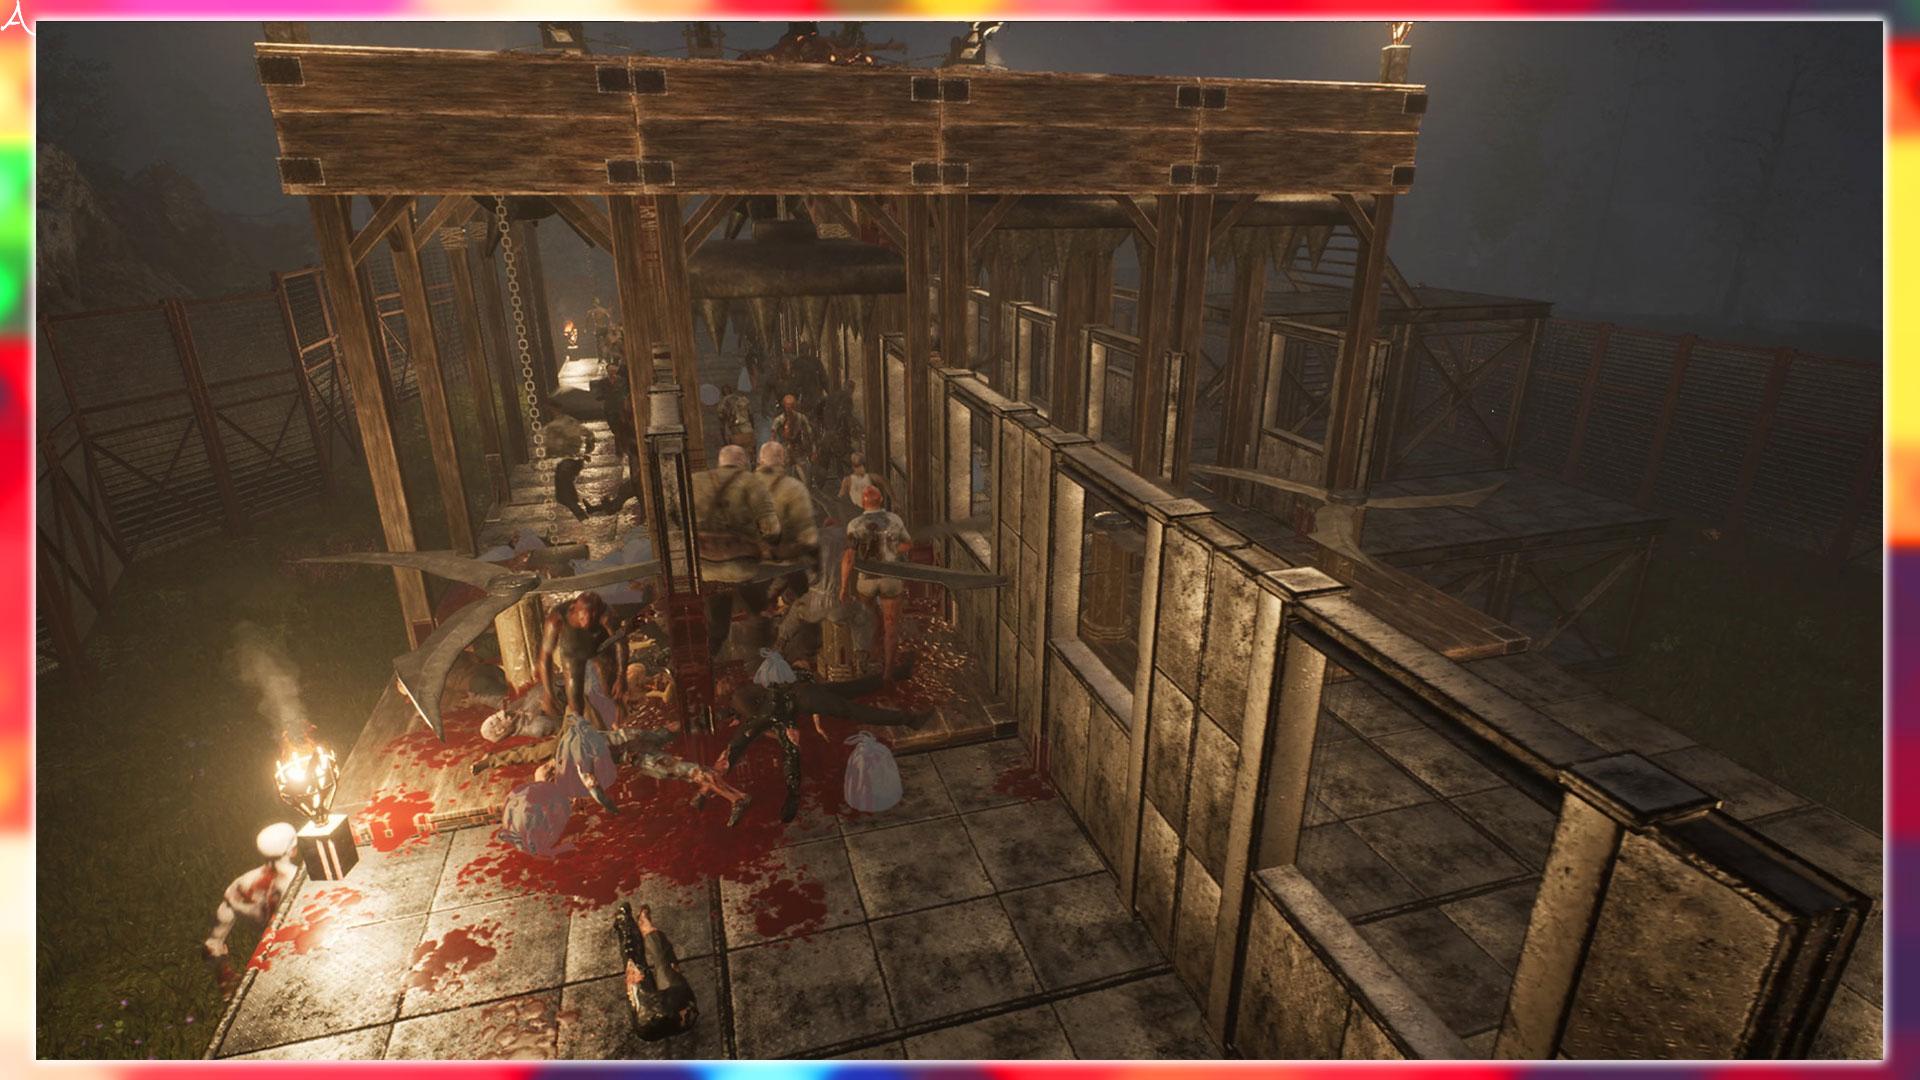 PC版「Night of the Dead」に必要な最低/推奨スペックを確認:快適プレイに必要な値段はどれくらい?